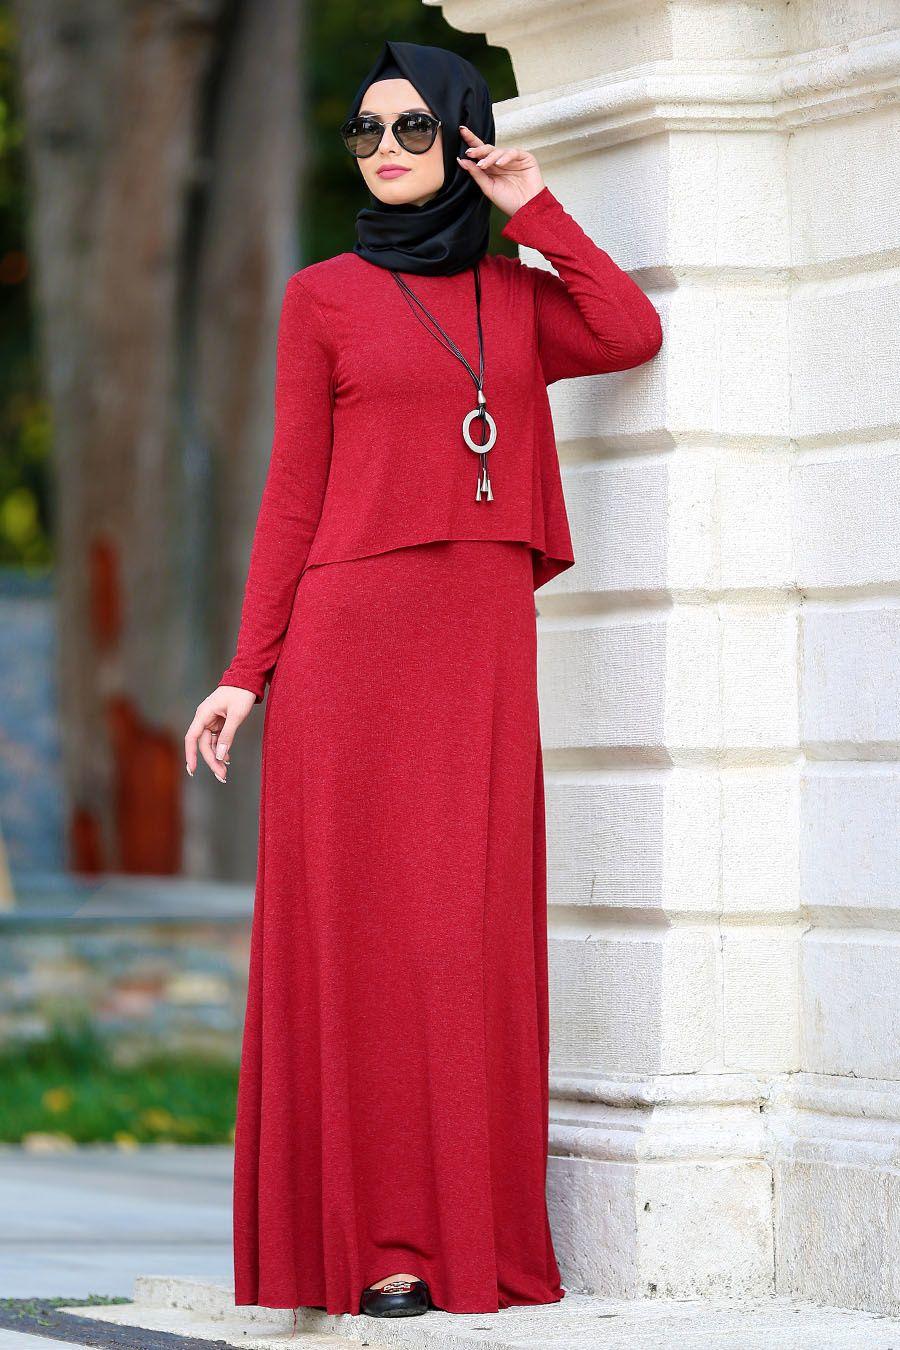 Neva Style Cepli Kirmizi Tesettur Elbise 31050k Tesetturisland Com Elbiseler Elbise Moda Stilleri